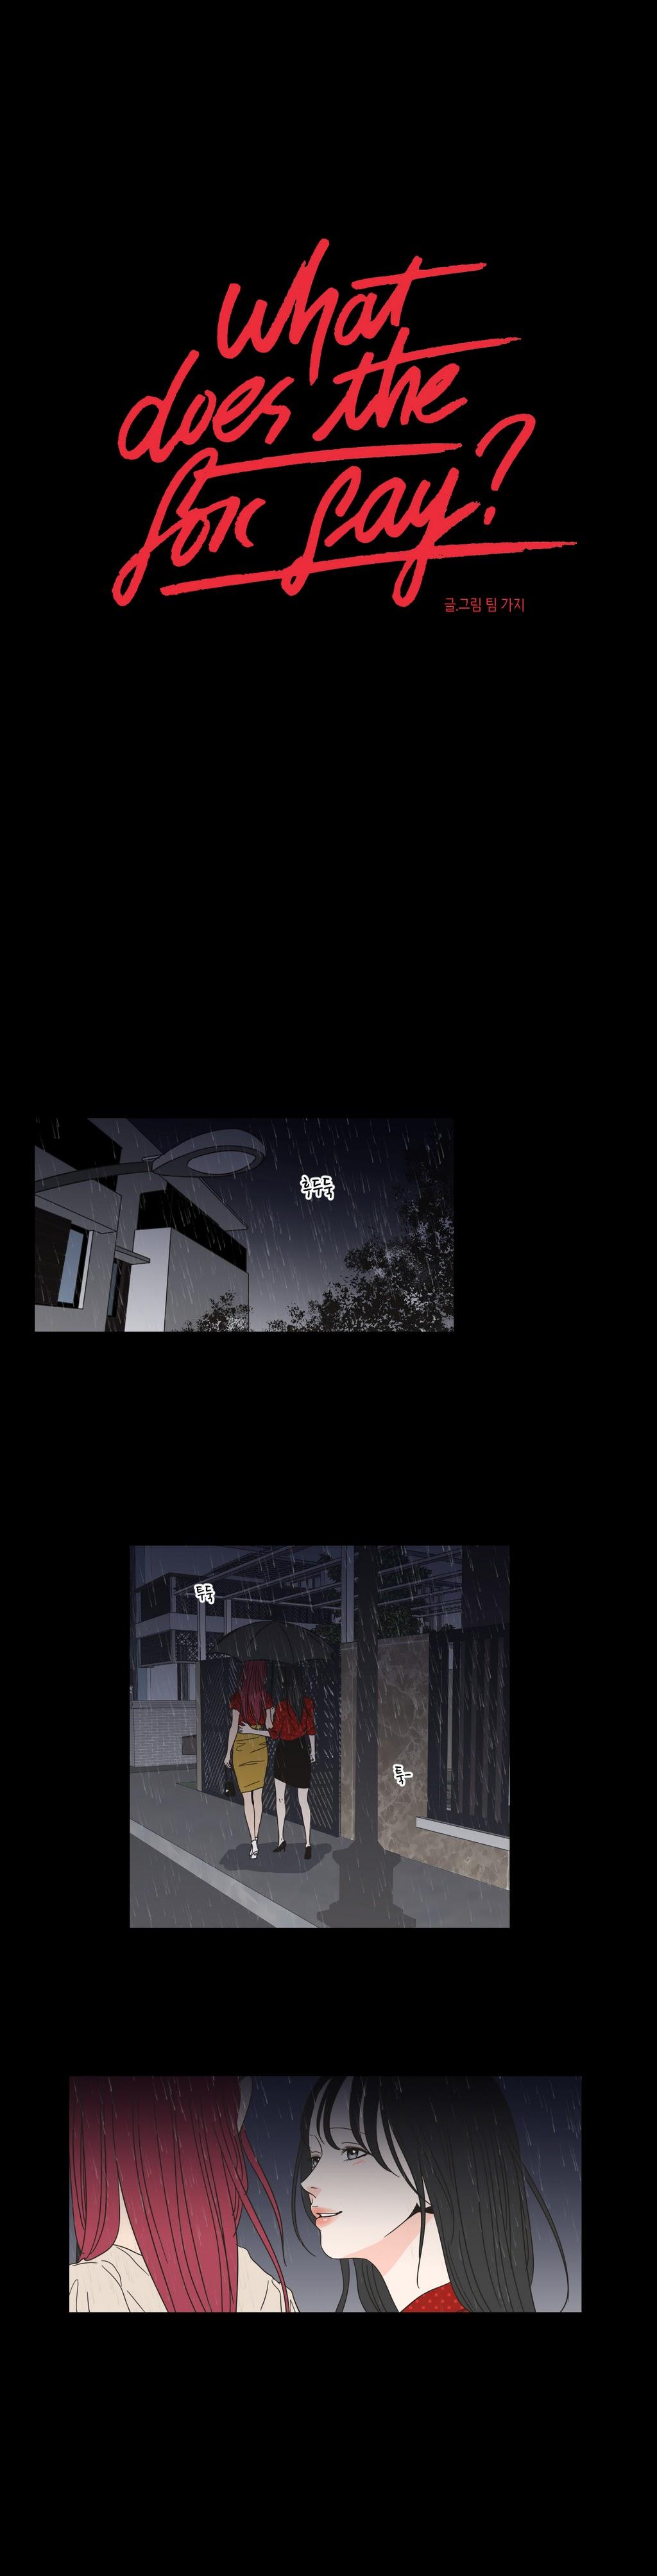 Con Cáo Nói Gì? Chapter 45 - Trang 1